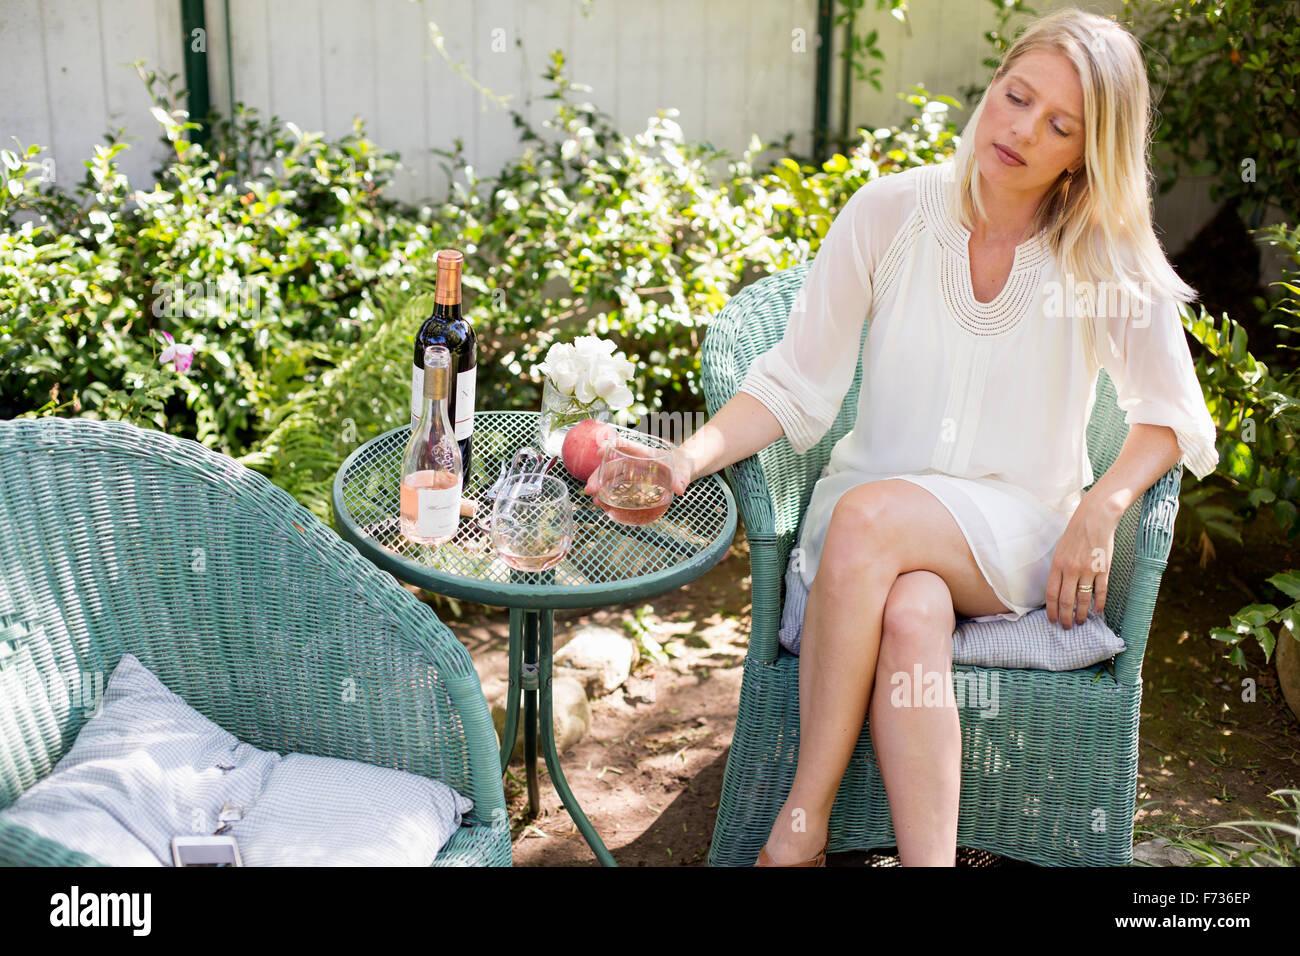 Femme blonde assise dans un fauteuil en osier dans un jardin avec un verre de vin. Photo Stock